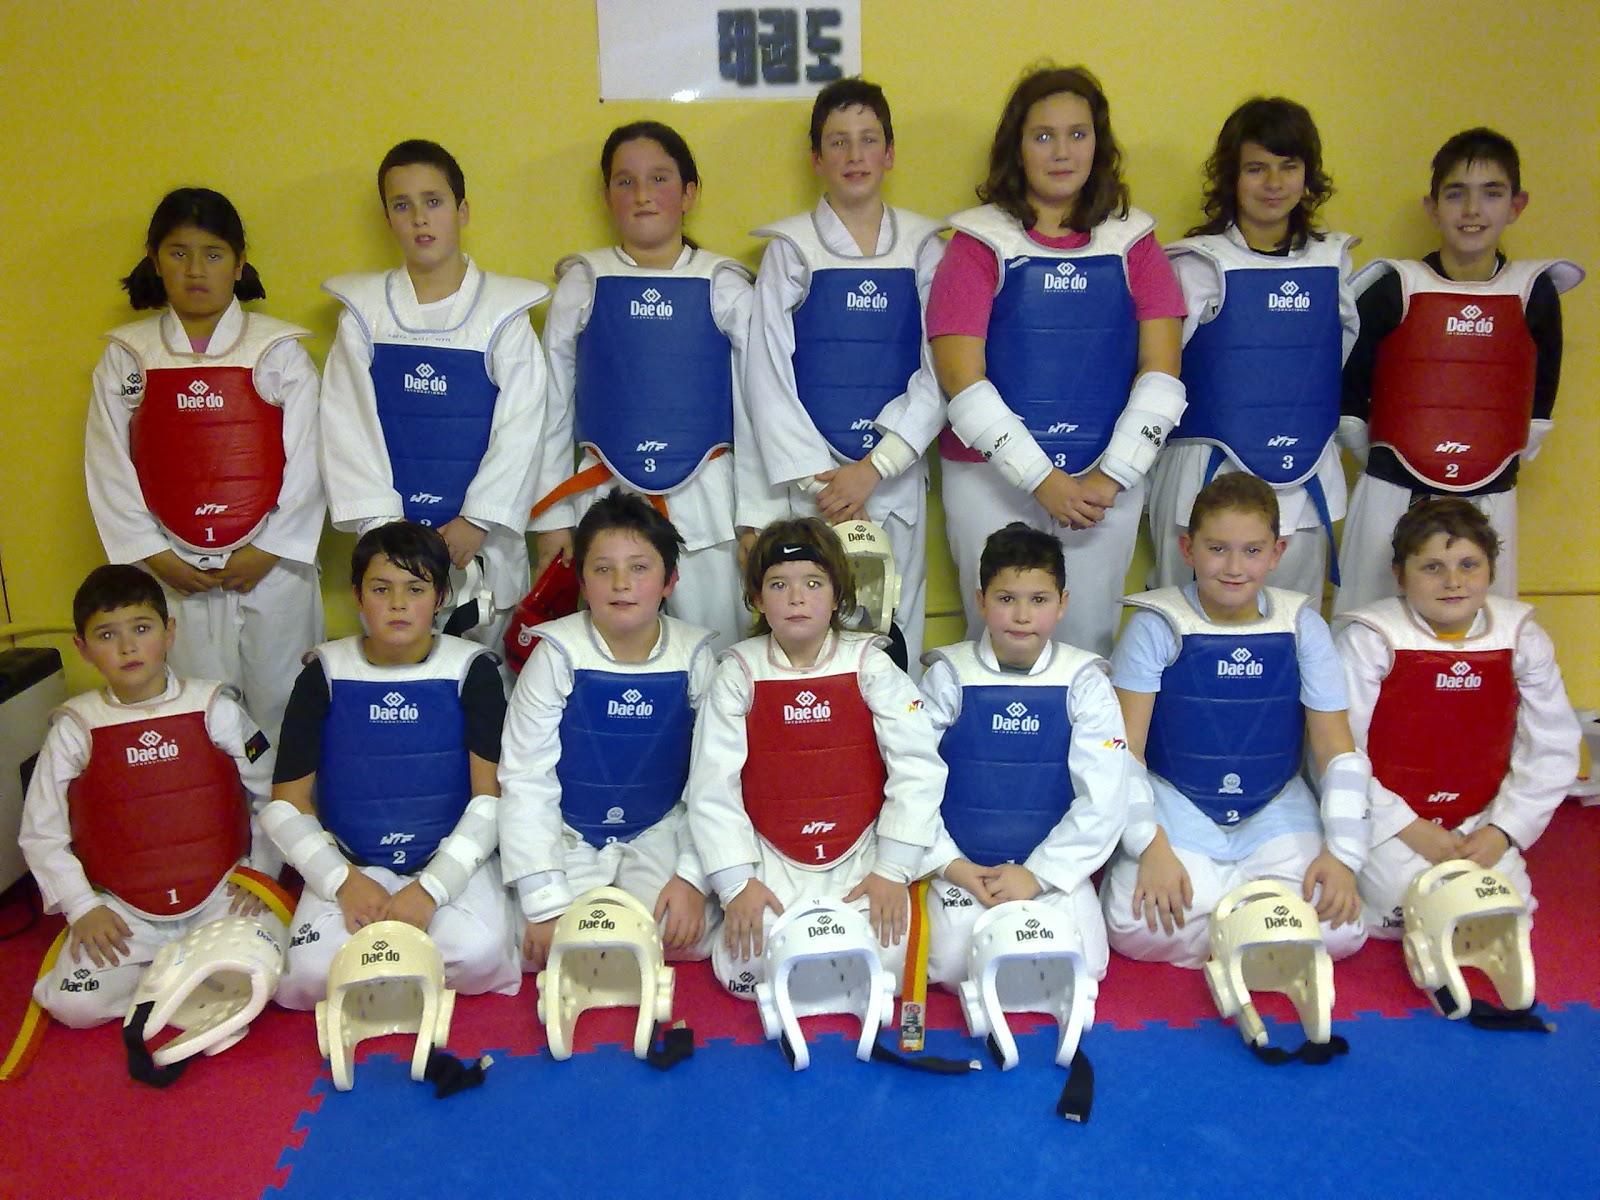 http://2.bp.blogspot.com/-Bu4yB7gcsOs/TZXbaIbeIDI/AAAAAAAAAAw/_e-KCzvl86Q/s1600/taekwondo%20san%20pedro.jpg